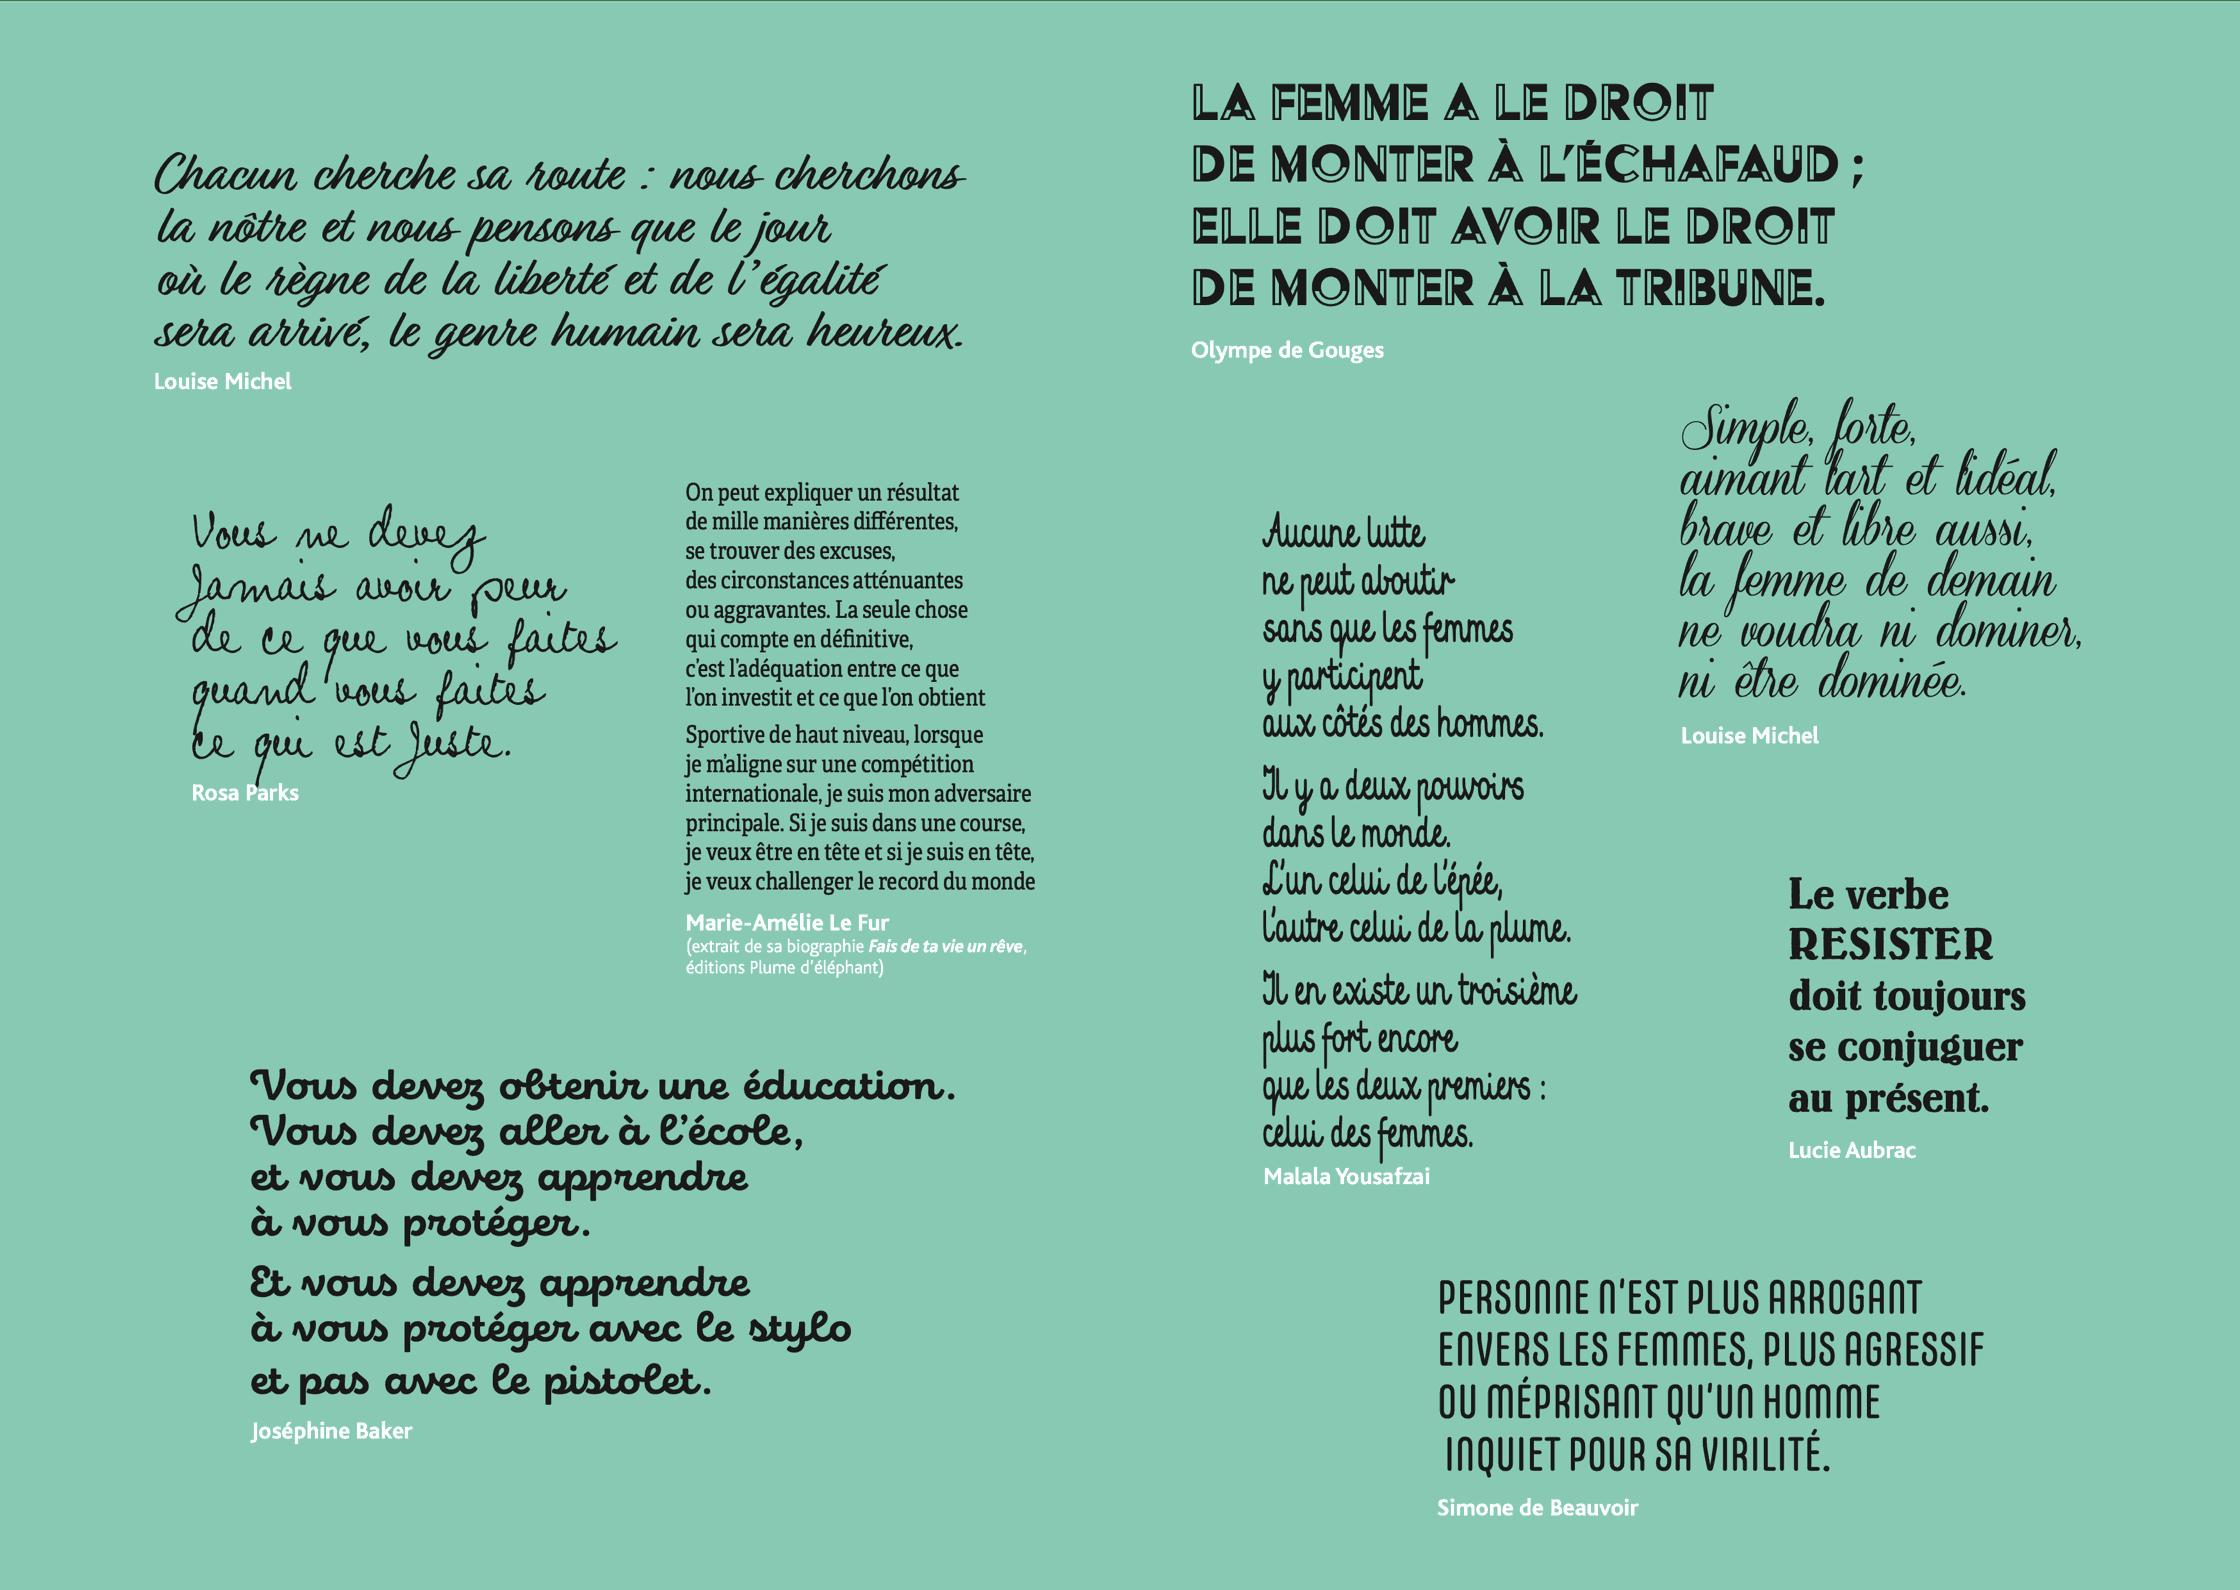 Citations de Louise Michel, Olympe de Gouges, Rosa Parks, Marie-Amélie Le Fur, Malala Yousafzai, Louise Michel, Lucie Aubrac, Joséphine Baker et Simone de Beauvoir, à retrouver dans la version PDF du programme 2020 de la semaine Elles.